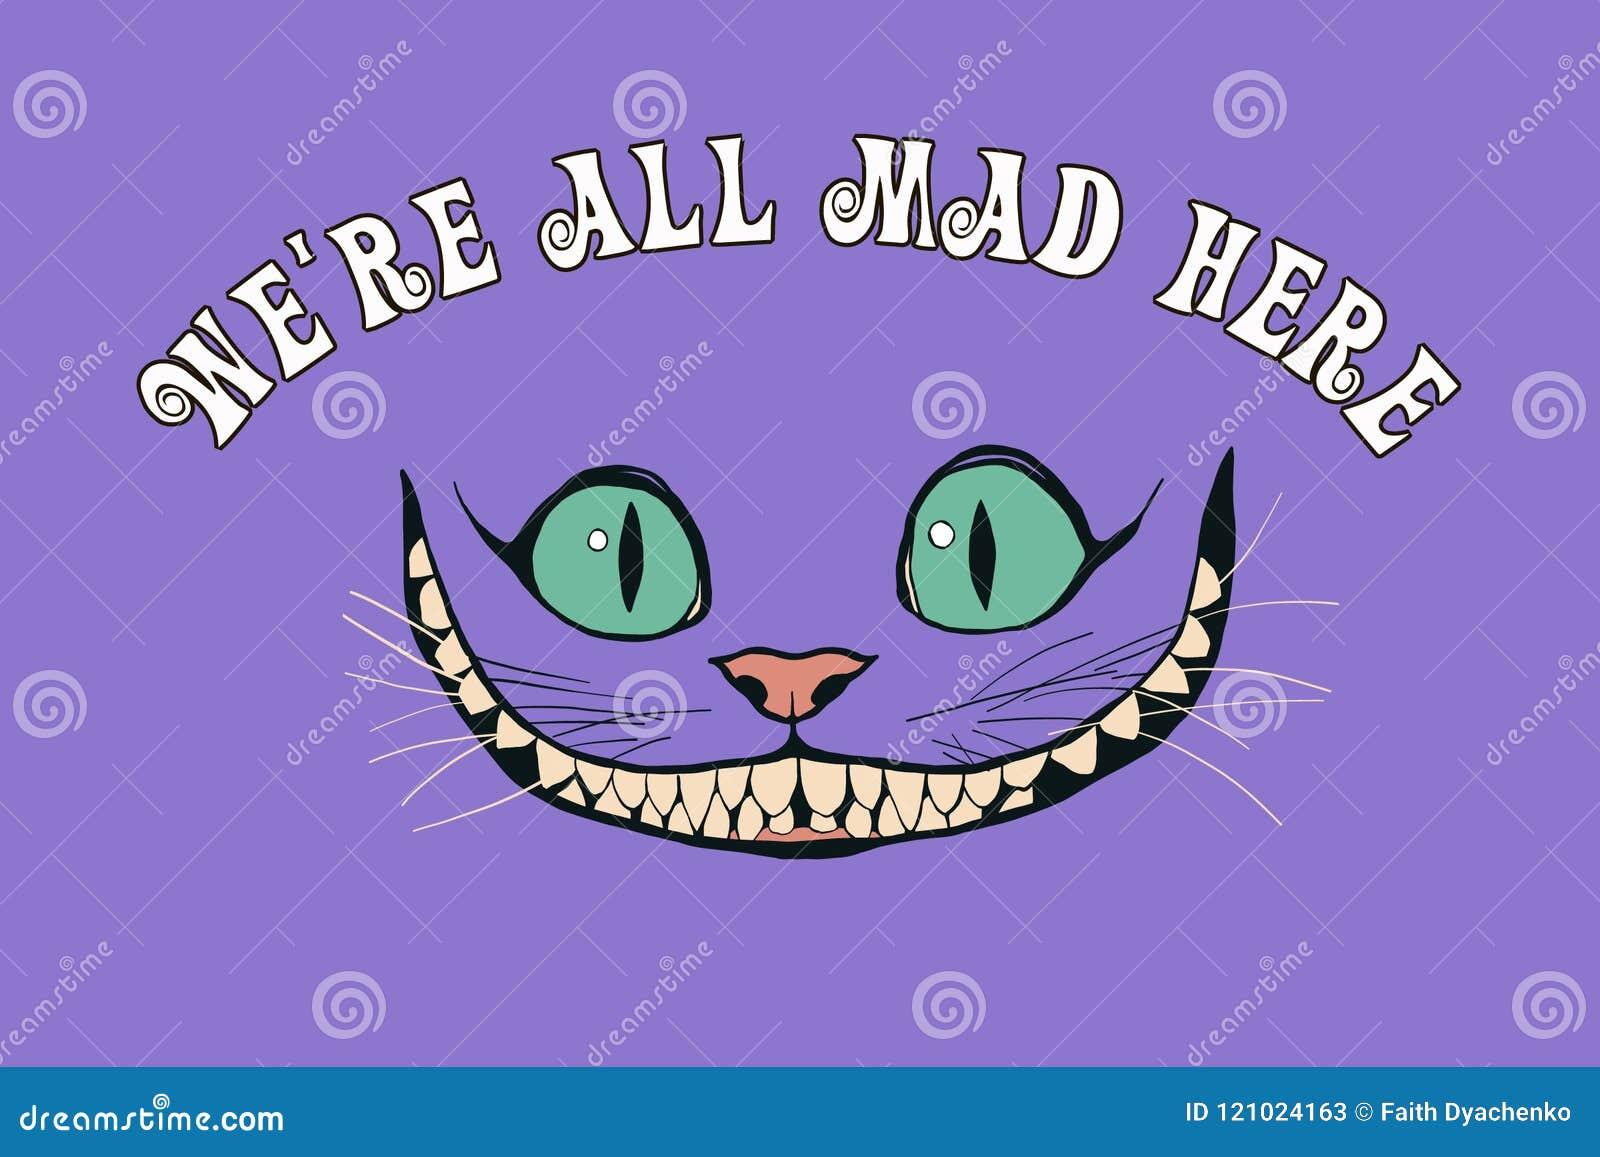 Sorriso de um gato de cheshire para o conto Alice no país das maravilhas